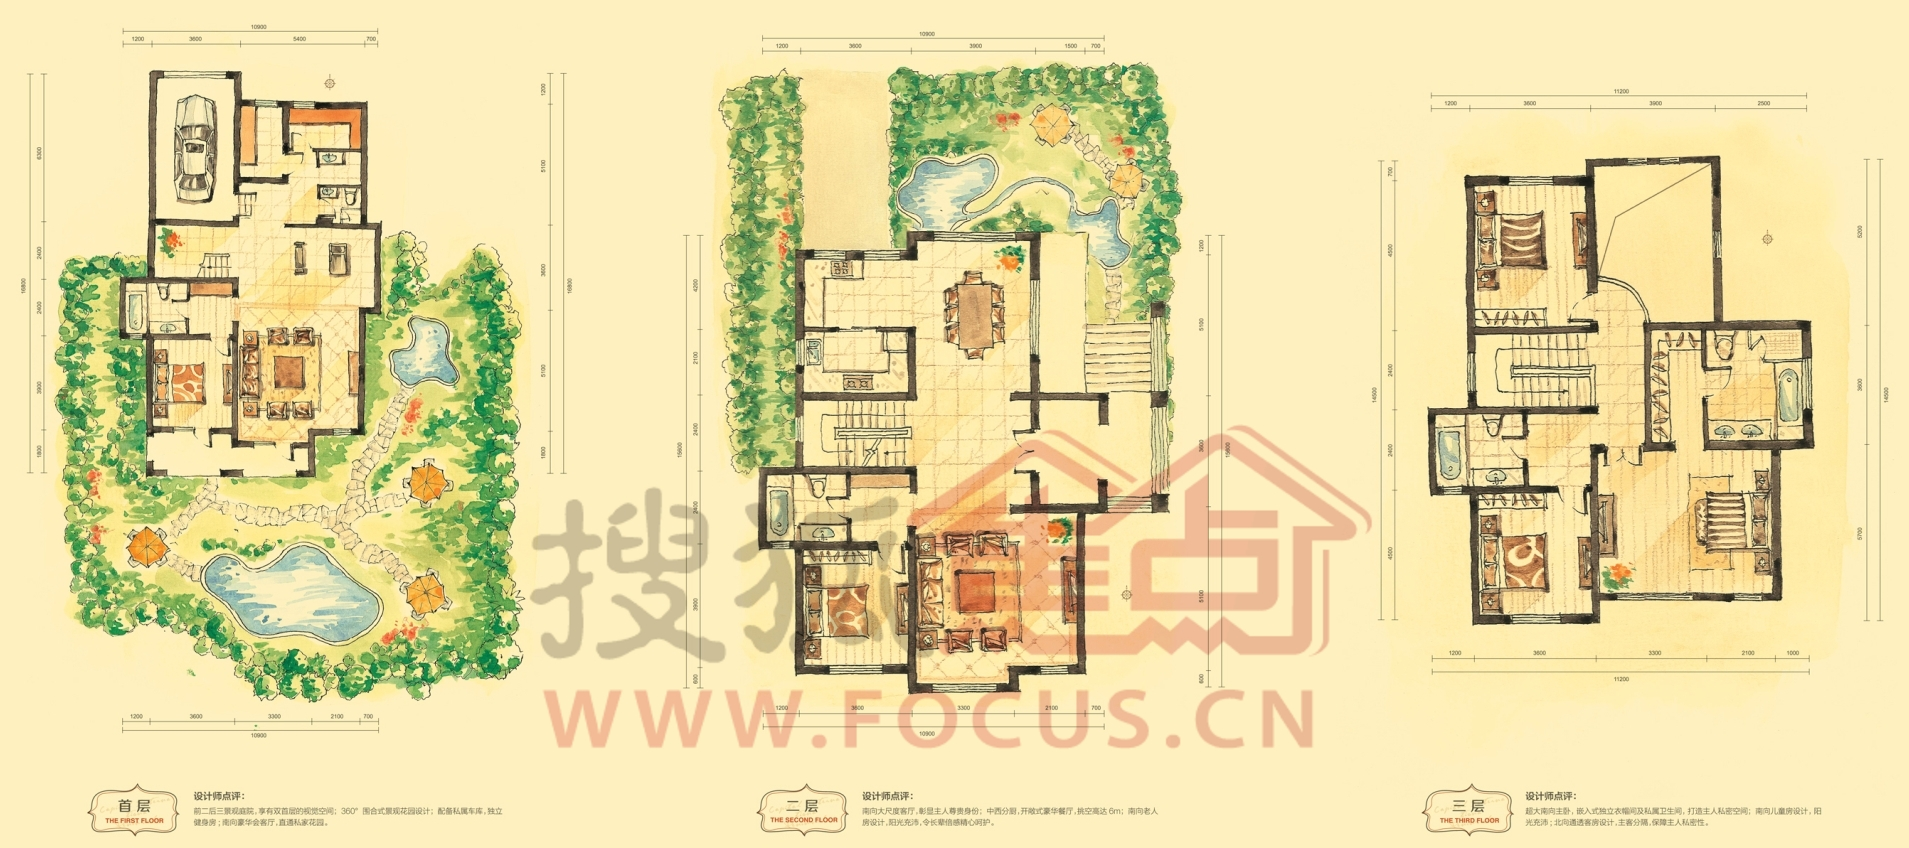 首创国际半岛(别墅)五居室b_首创国际半岛(别墅)户型